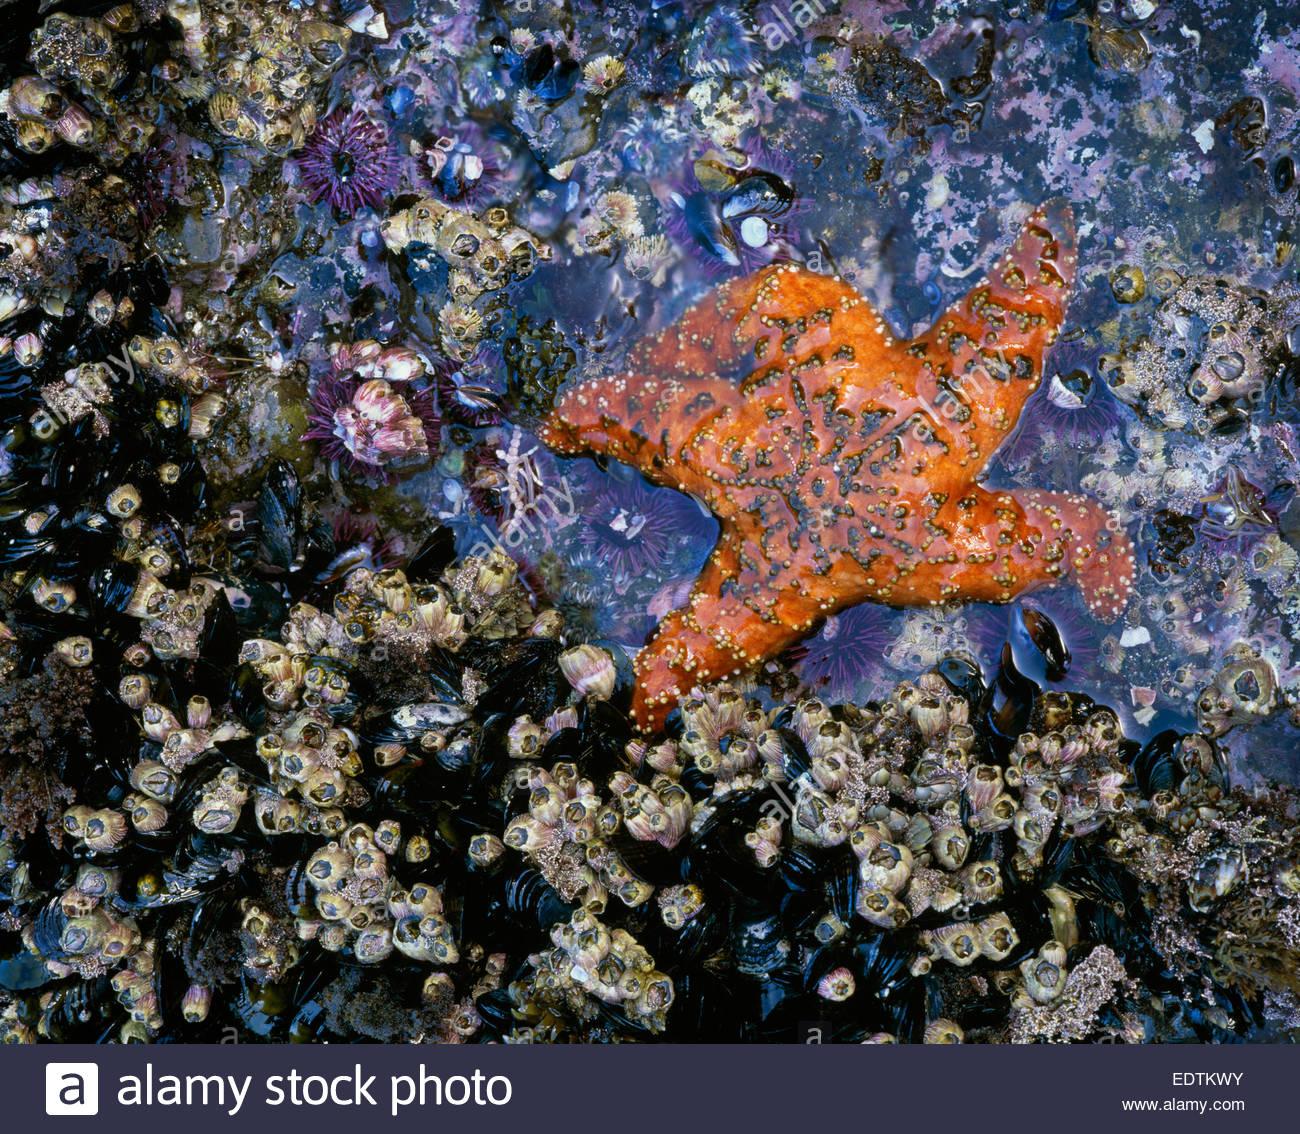 Zona intermareal con ocre seastar 'Santa Bárbara' [Isla Parque Nacional de las Islas del Canal de California] Imagen De Stock